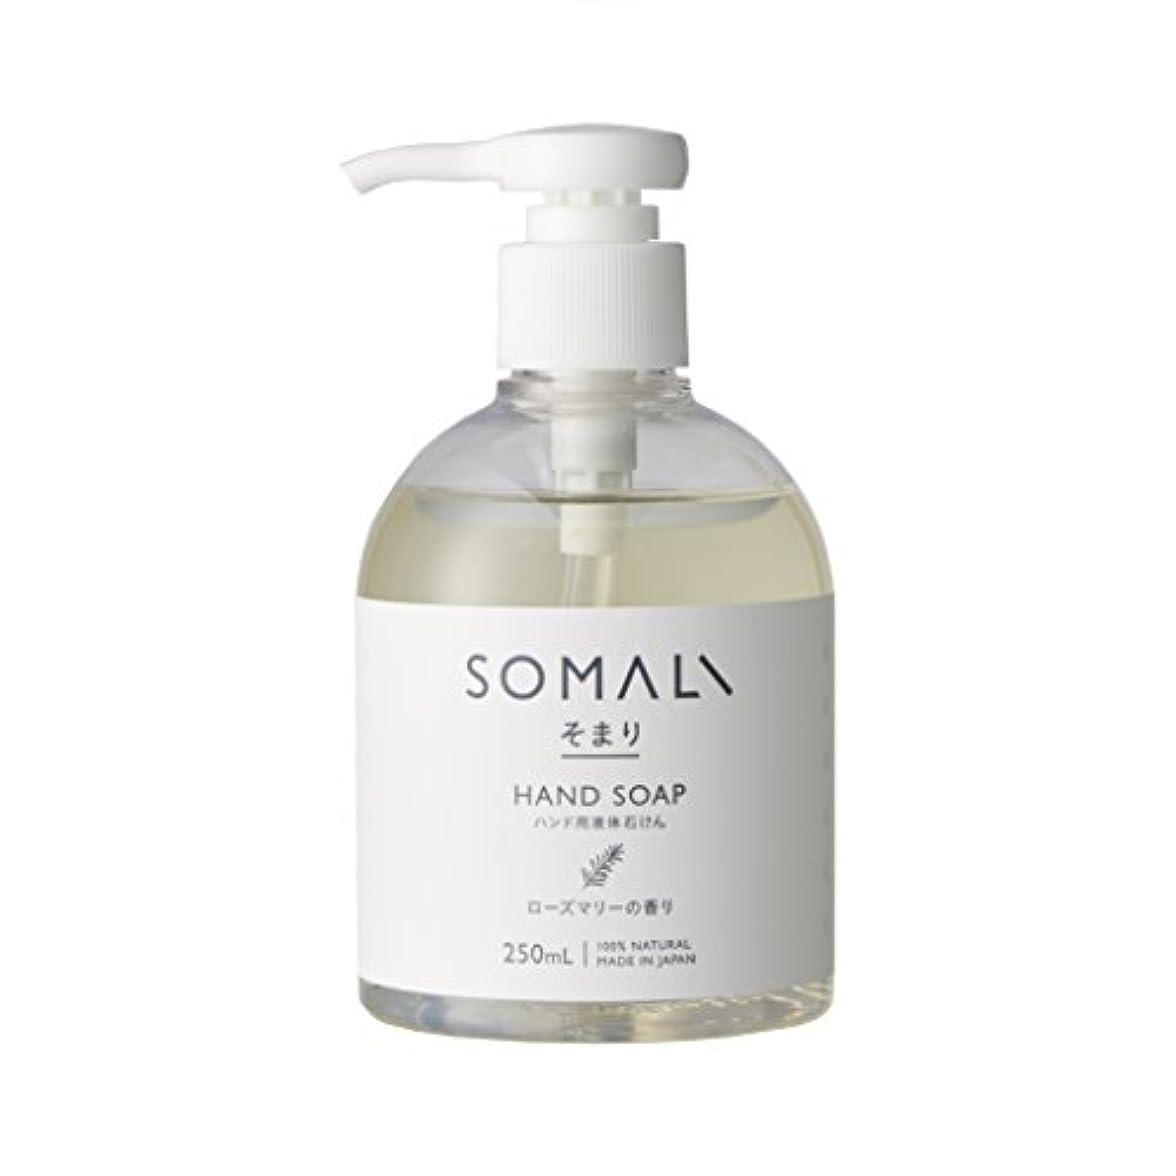 スタウトスペインアフリカソマリ(SOMALI)ハンドソープ(ローズマリー)250ml 【日本製】